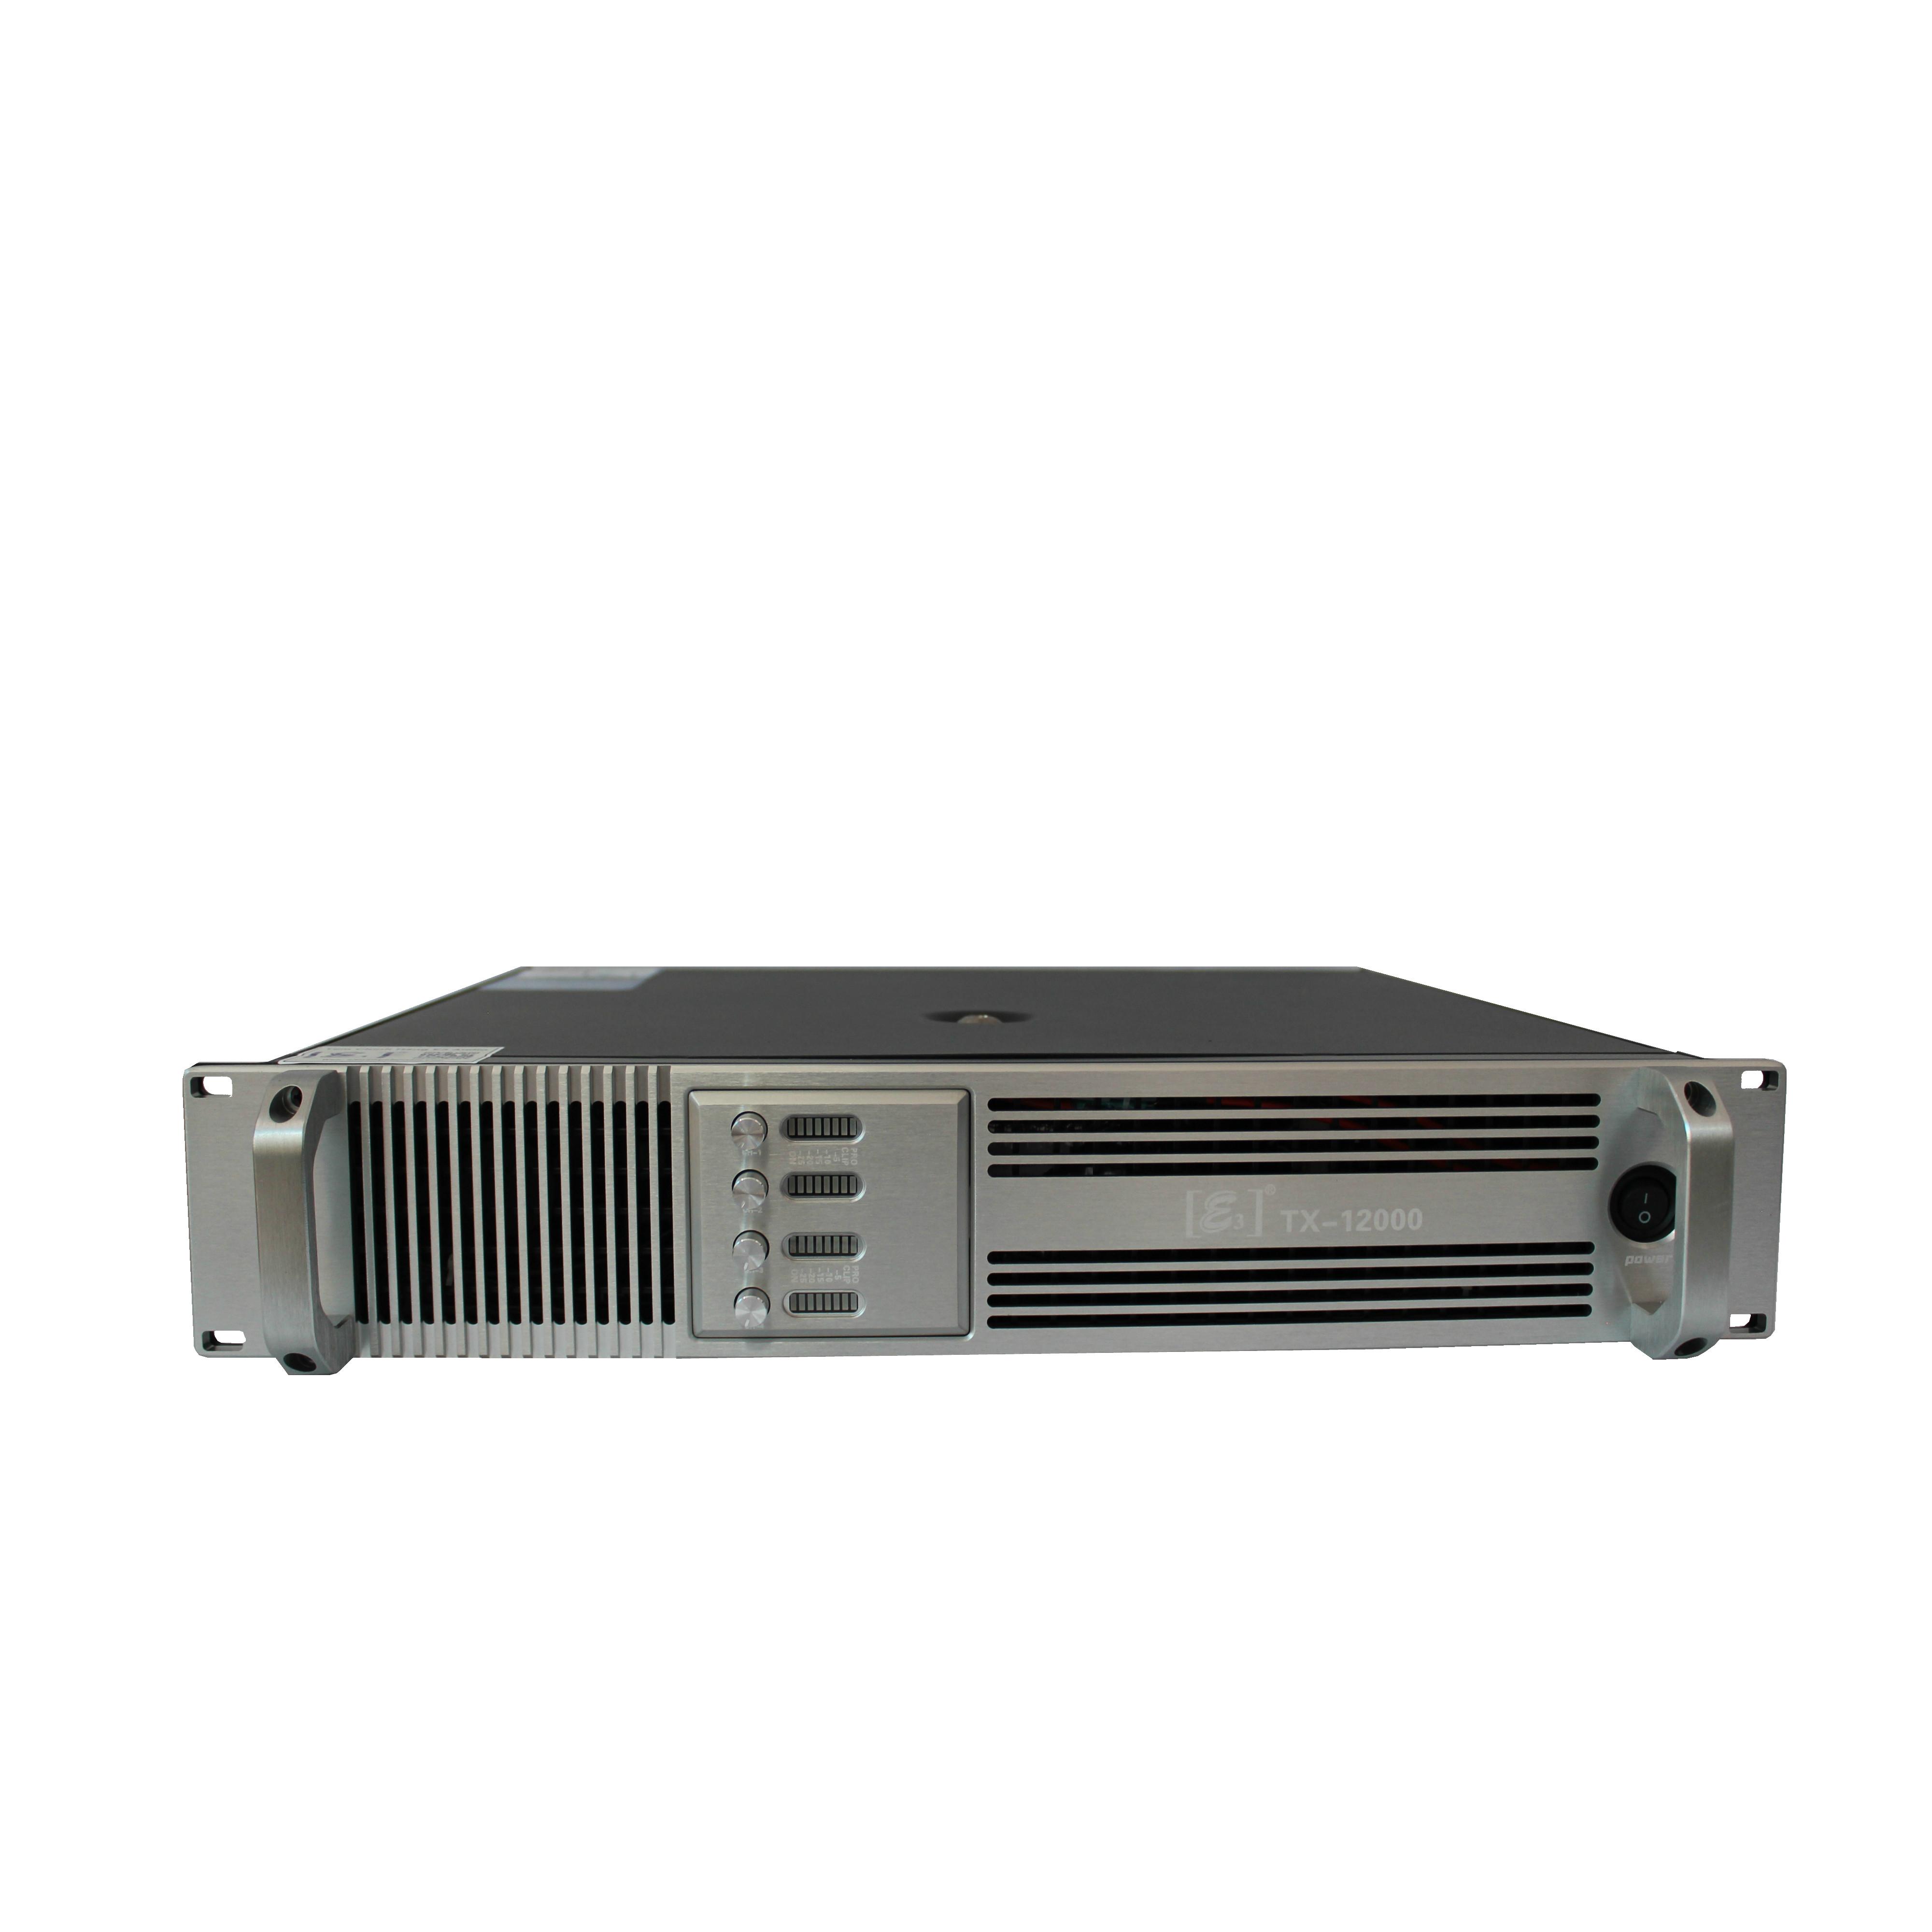 E3 TX 12000 dòng main  cục đẩy cao cấp,hàng mới 100% chính hãng đến từ Châu ÂU